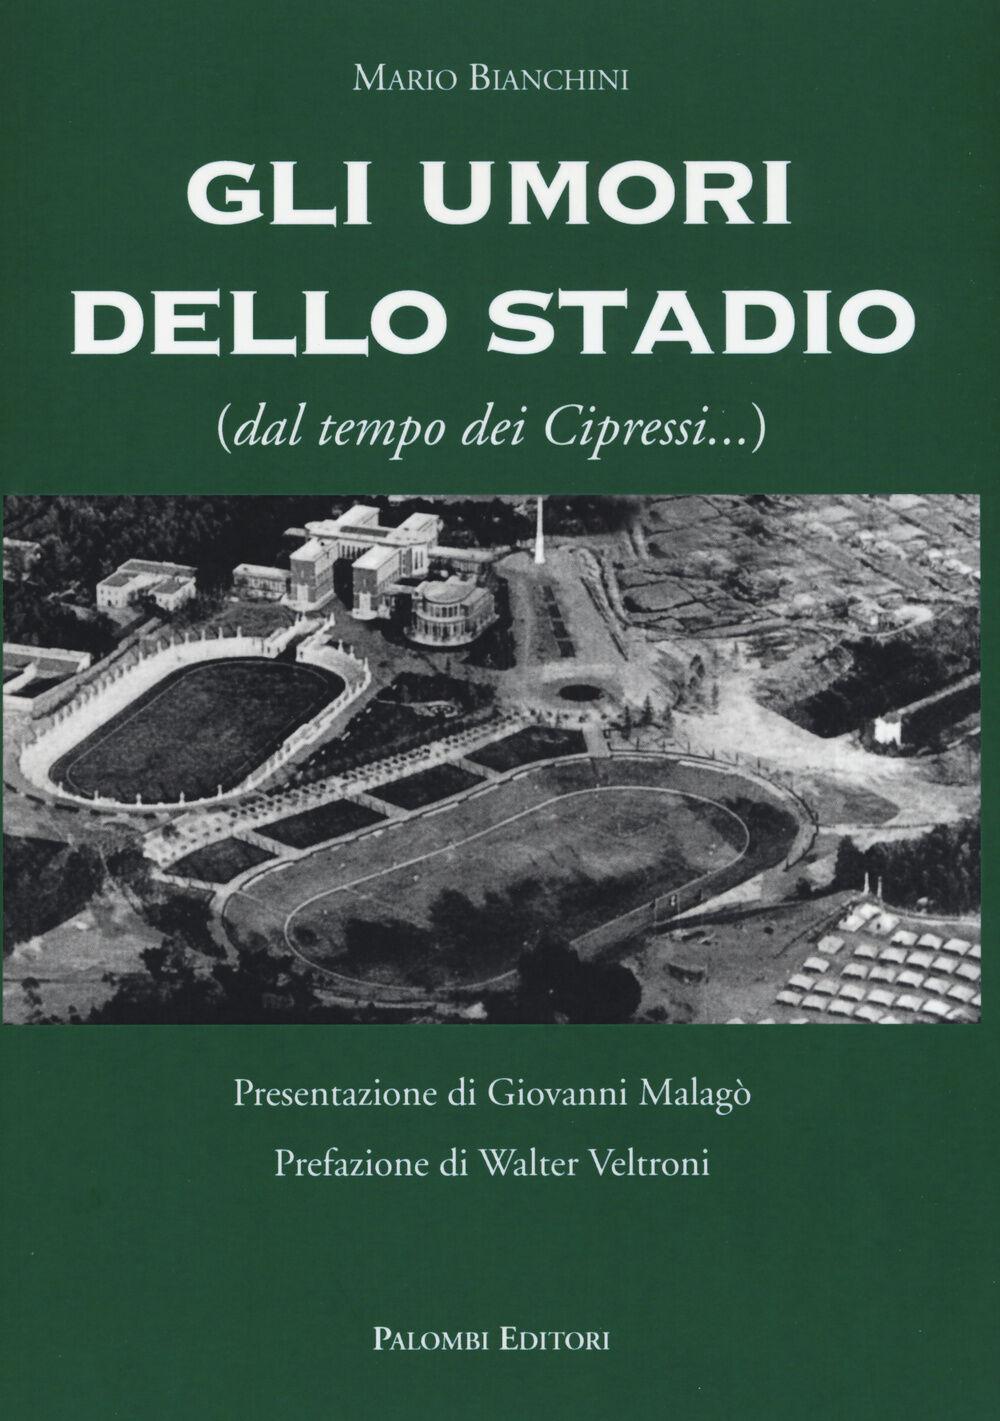 Gli umori dello stadio (dal tempo dei cipressi...)